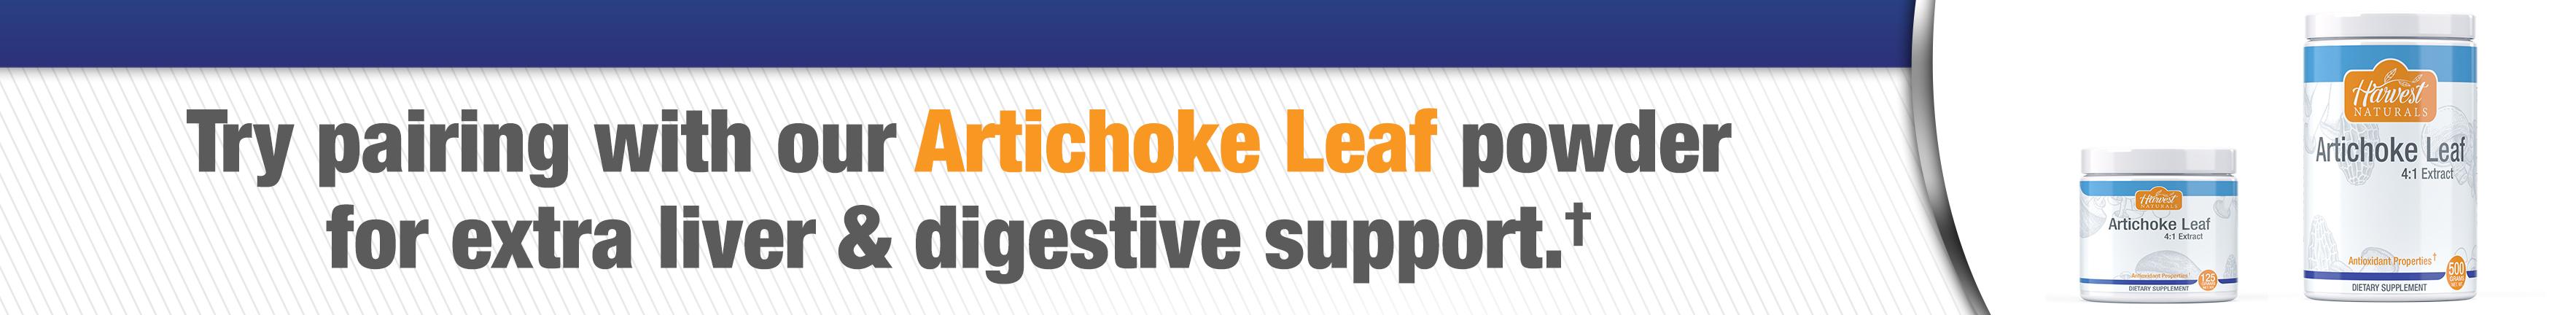 artichoke-leaf-consider-10-21.jpg